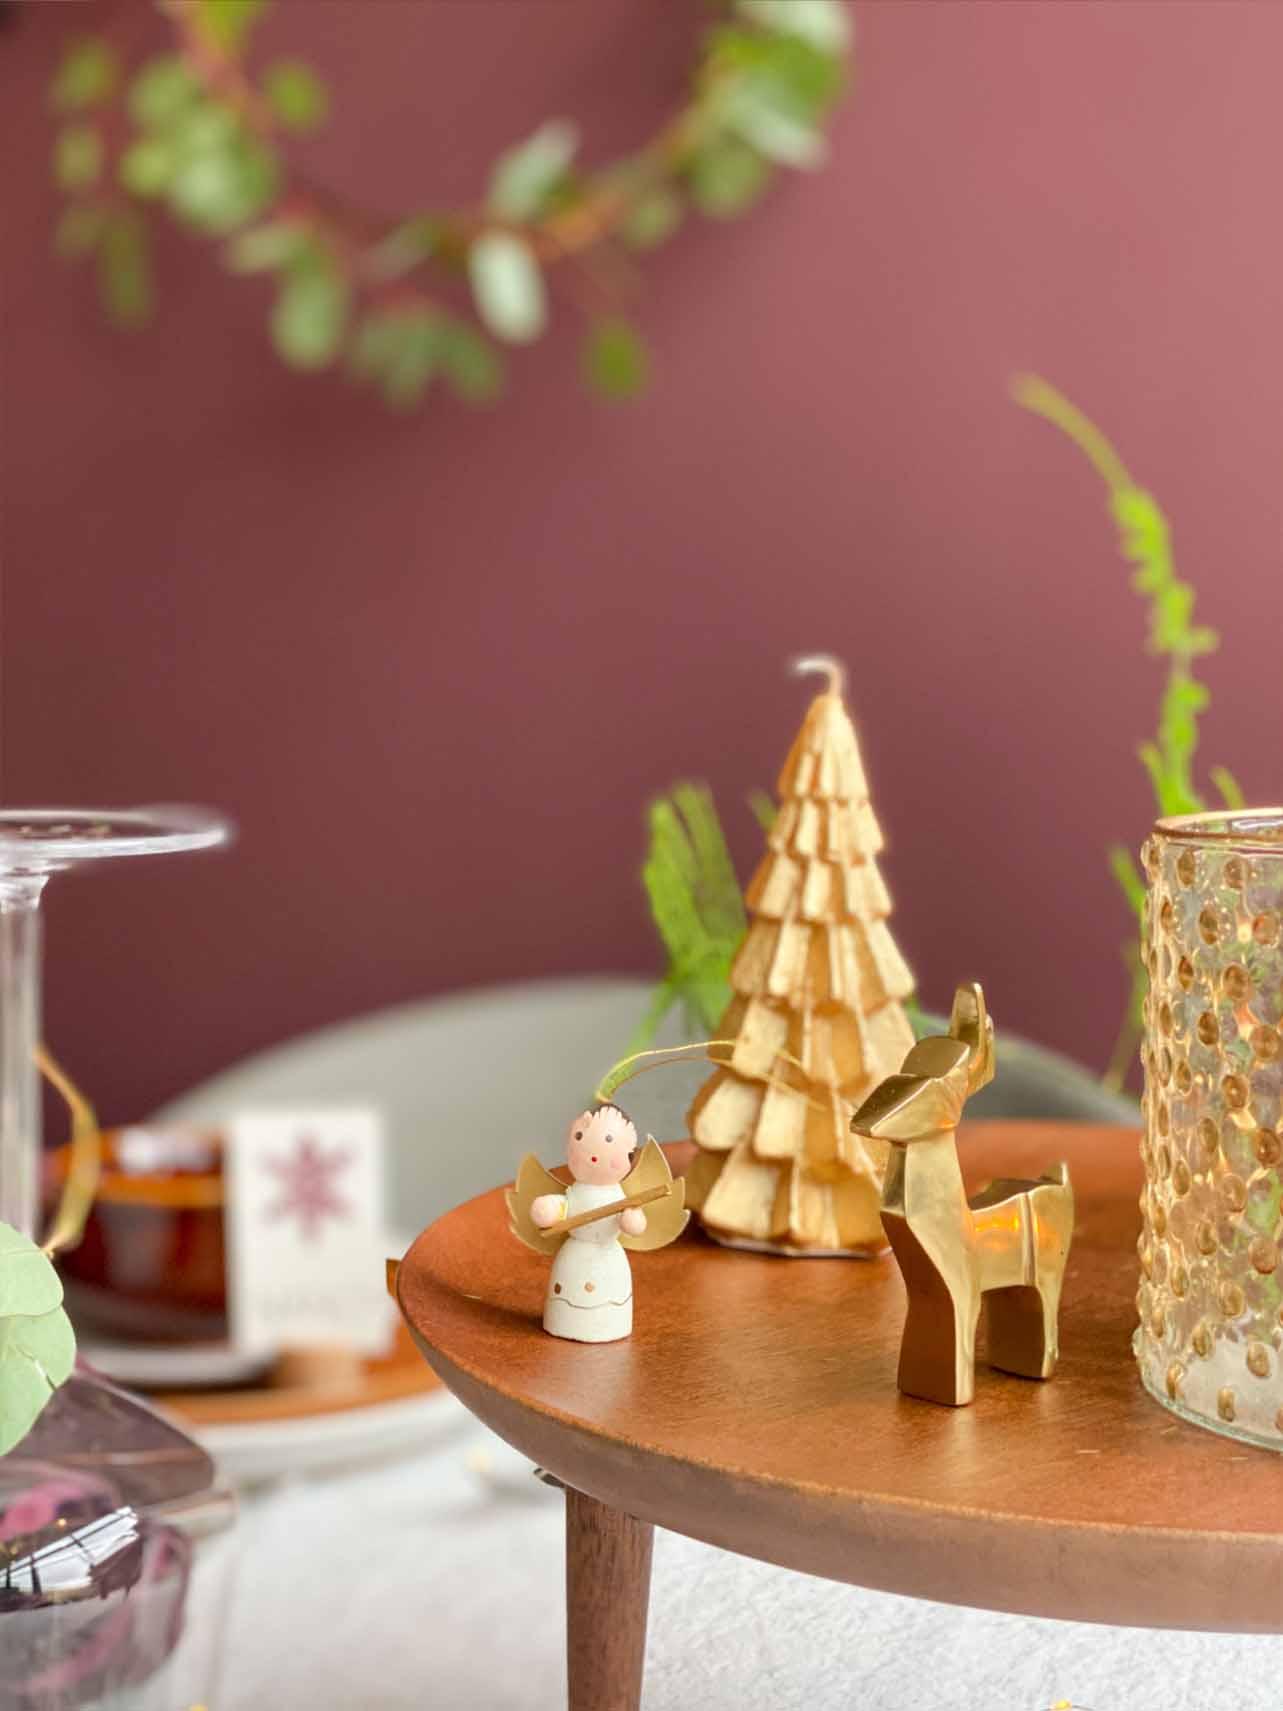 Decoratie op de kersttafel